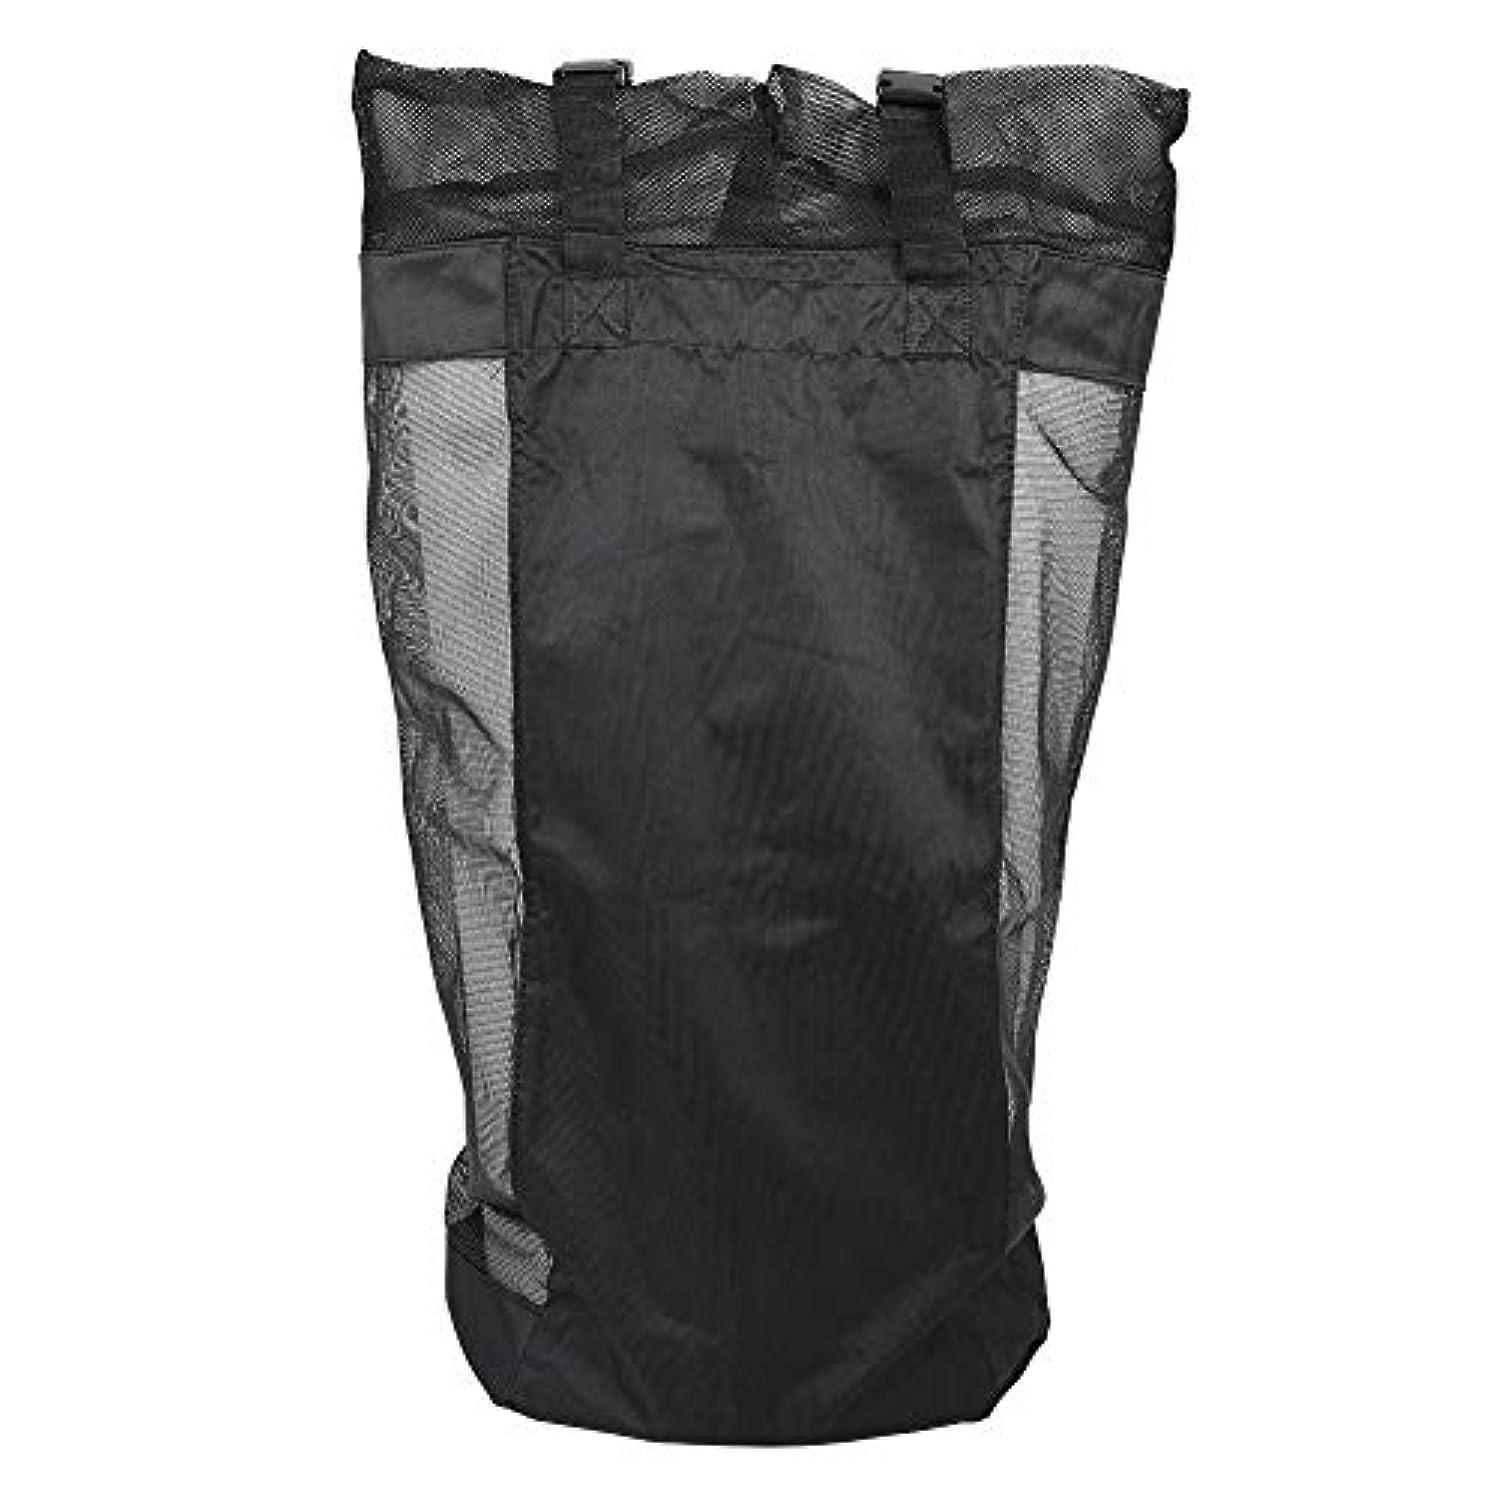 ゲスト圧縮された反対バックパック 70L超大容量 防水 軽量 通気性 収納力抜群 登山 アウトドア 旅行 ハイキング 男女兼用バッグ ハイキングバッグ 登山バッグ